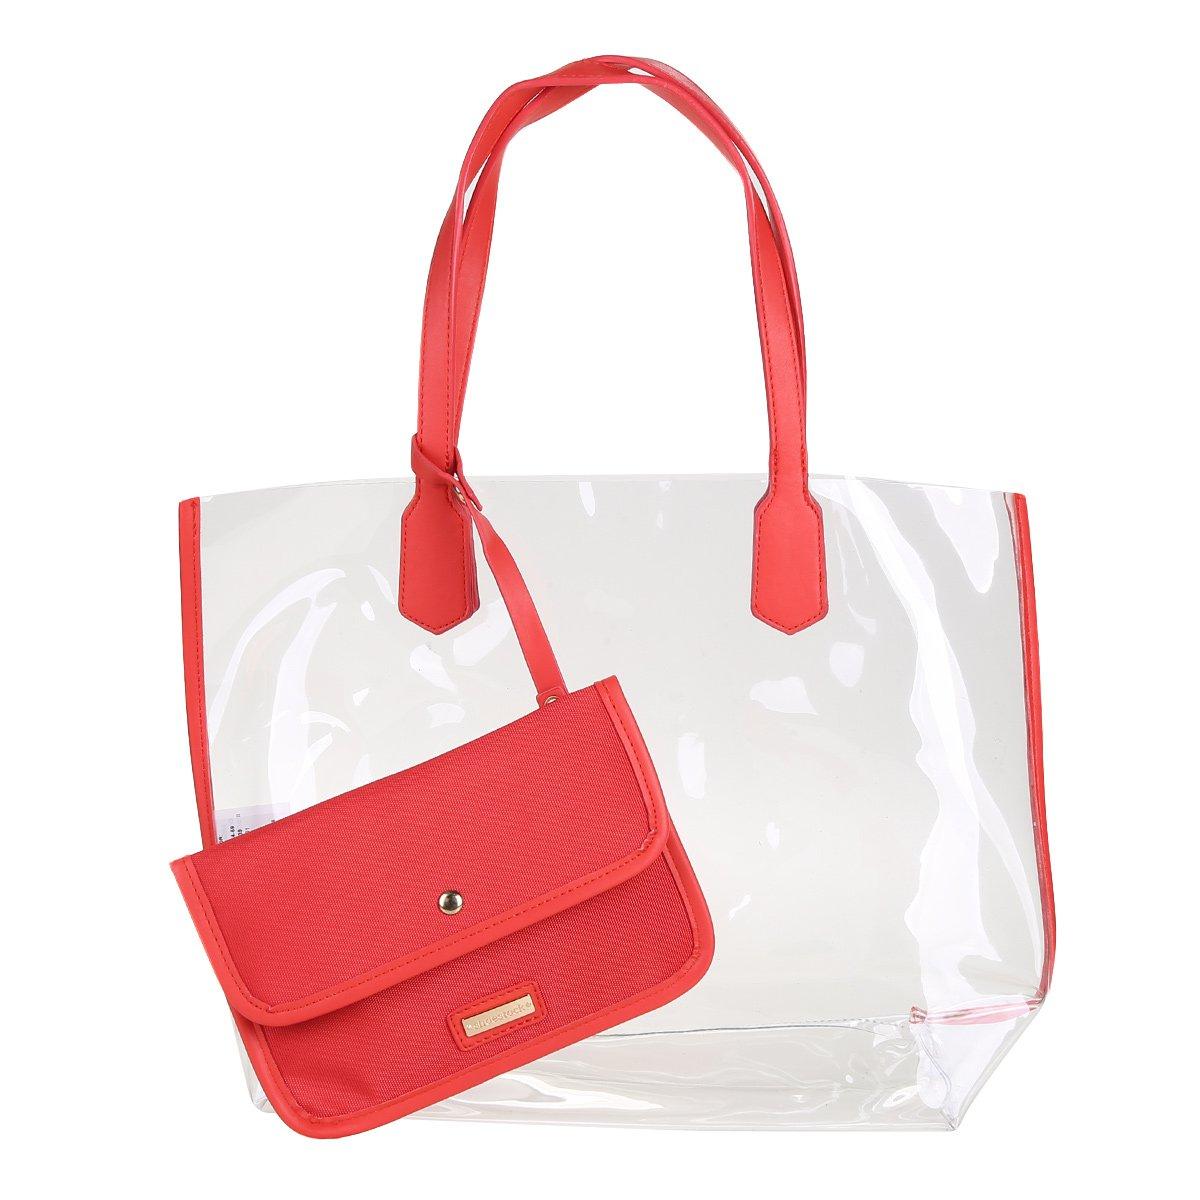 1e76f74d4c1fb Bolsa Shoestock Shopper Vinil Feminina - Vermelho - Compre Agora ...